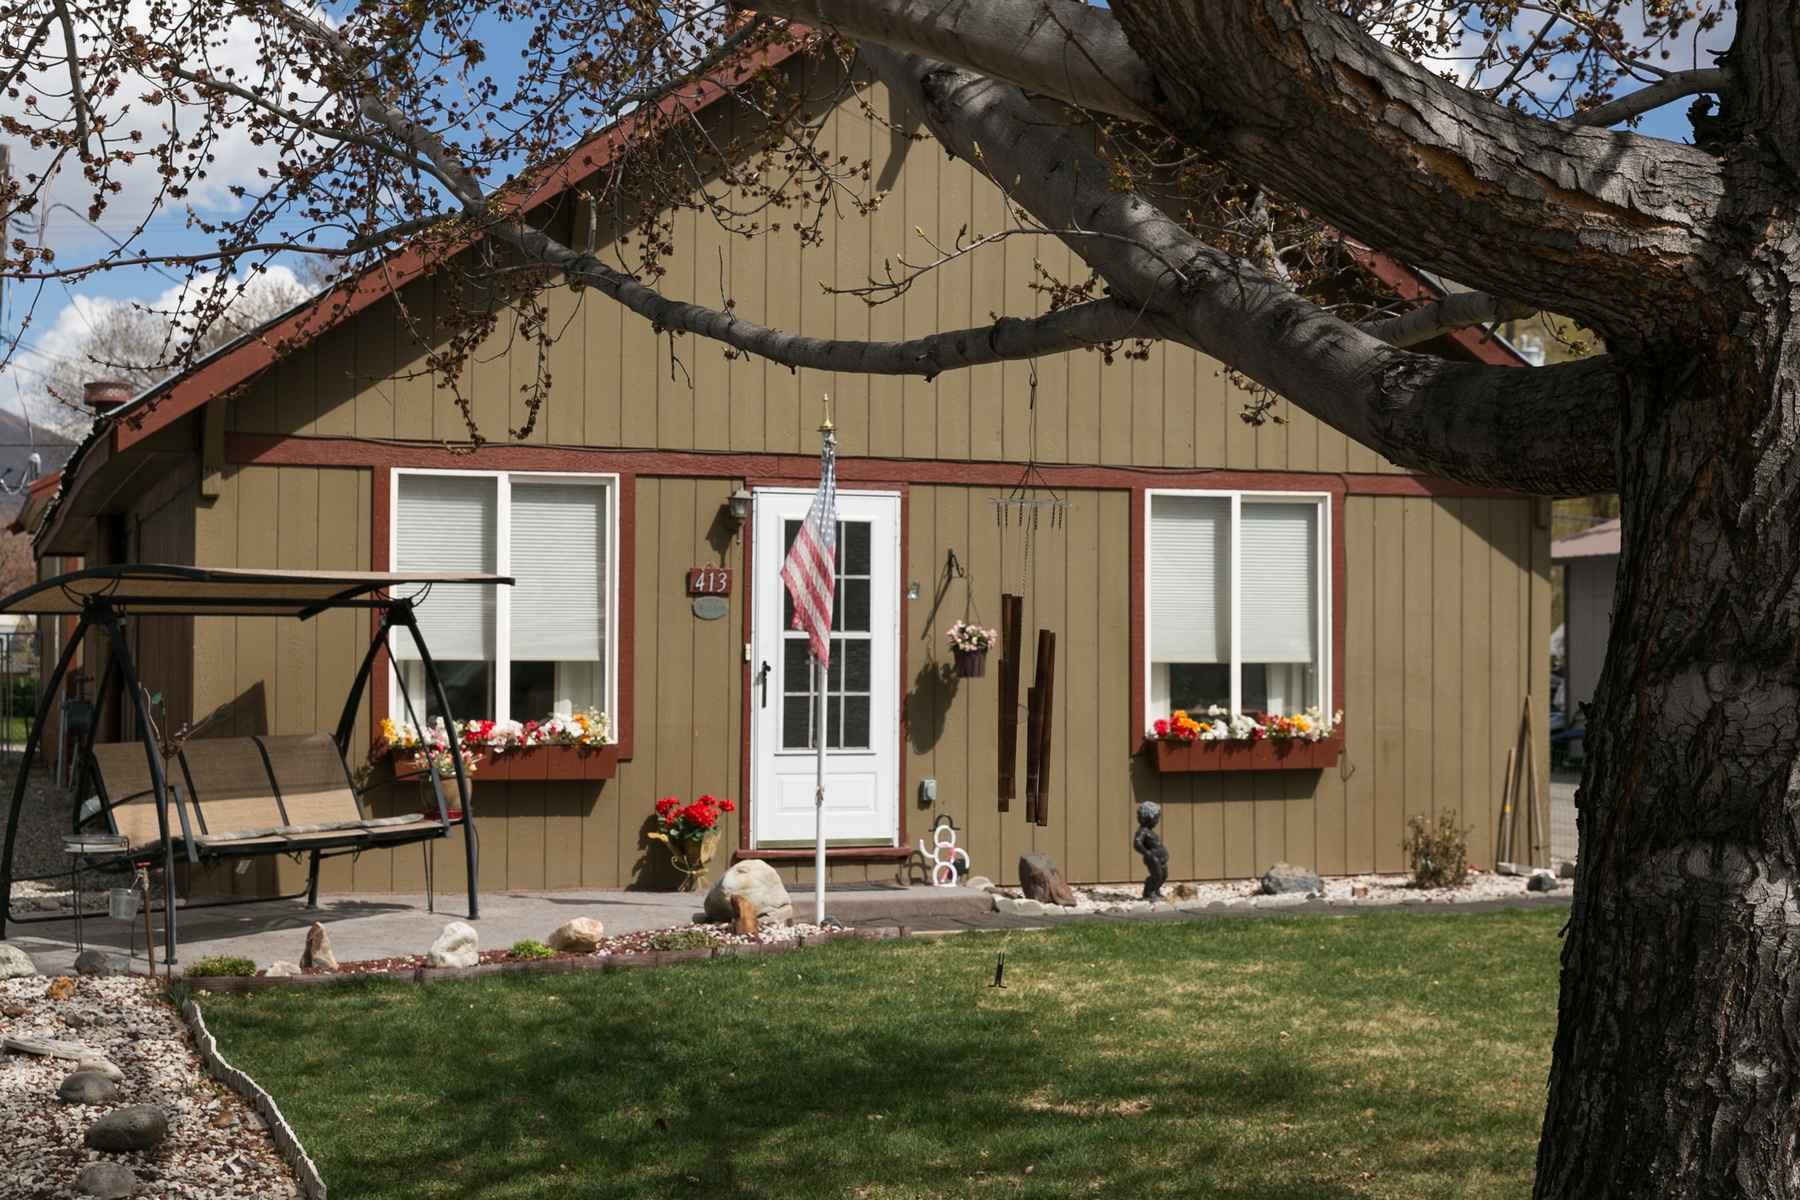 Частный односемейный дом для того Продажа на Endless Potential Bellevue Home 413 S. Main St Bellevue, Айдахо, 83333 Соединенные Штаты